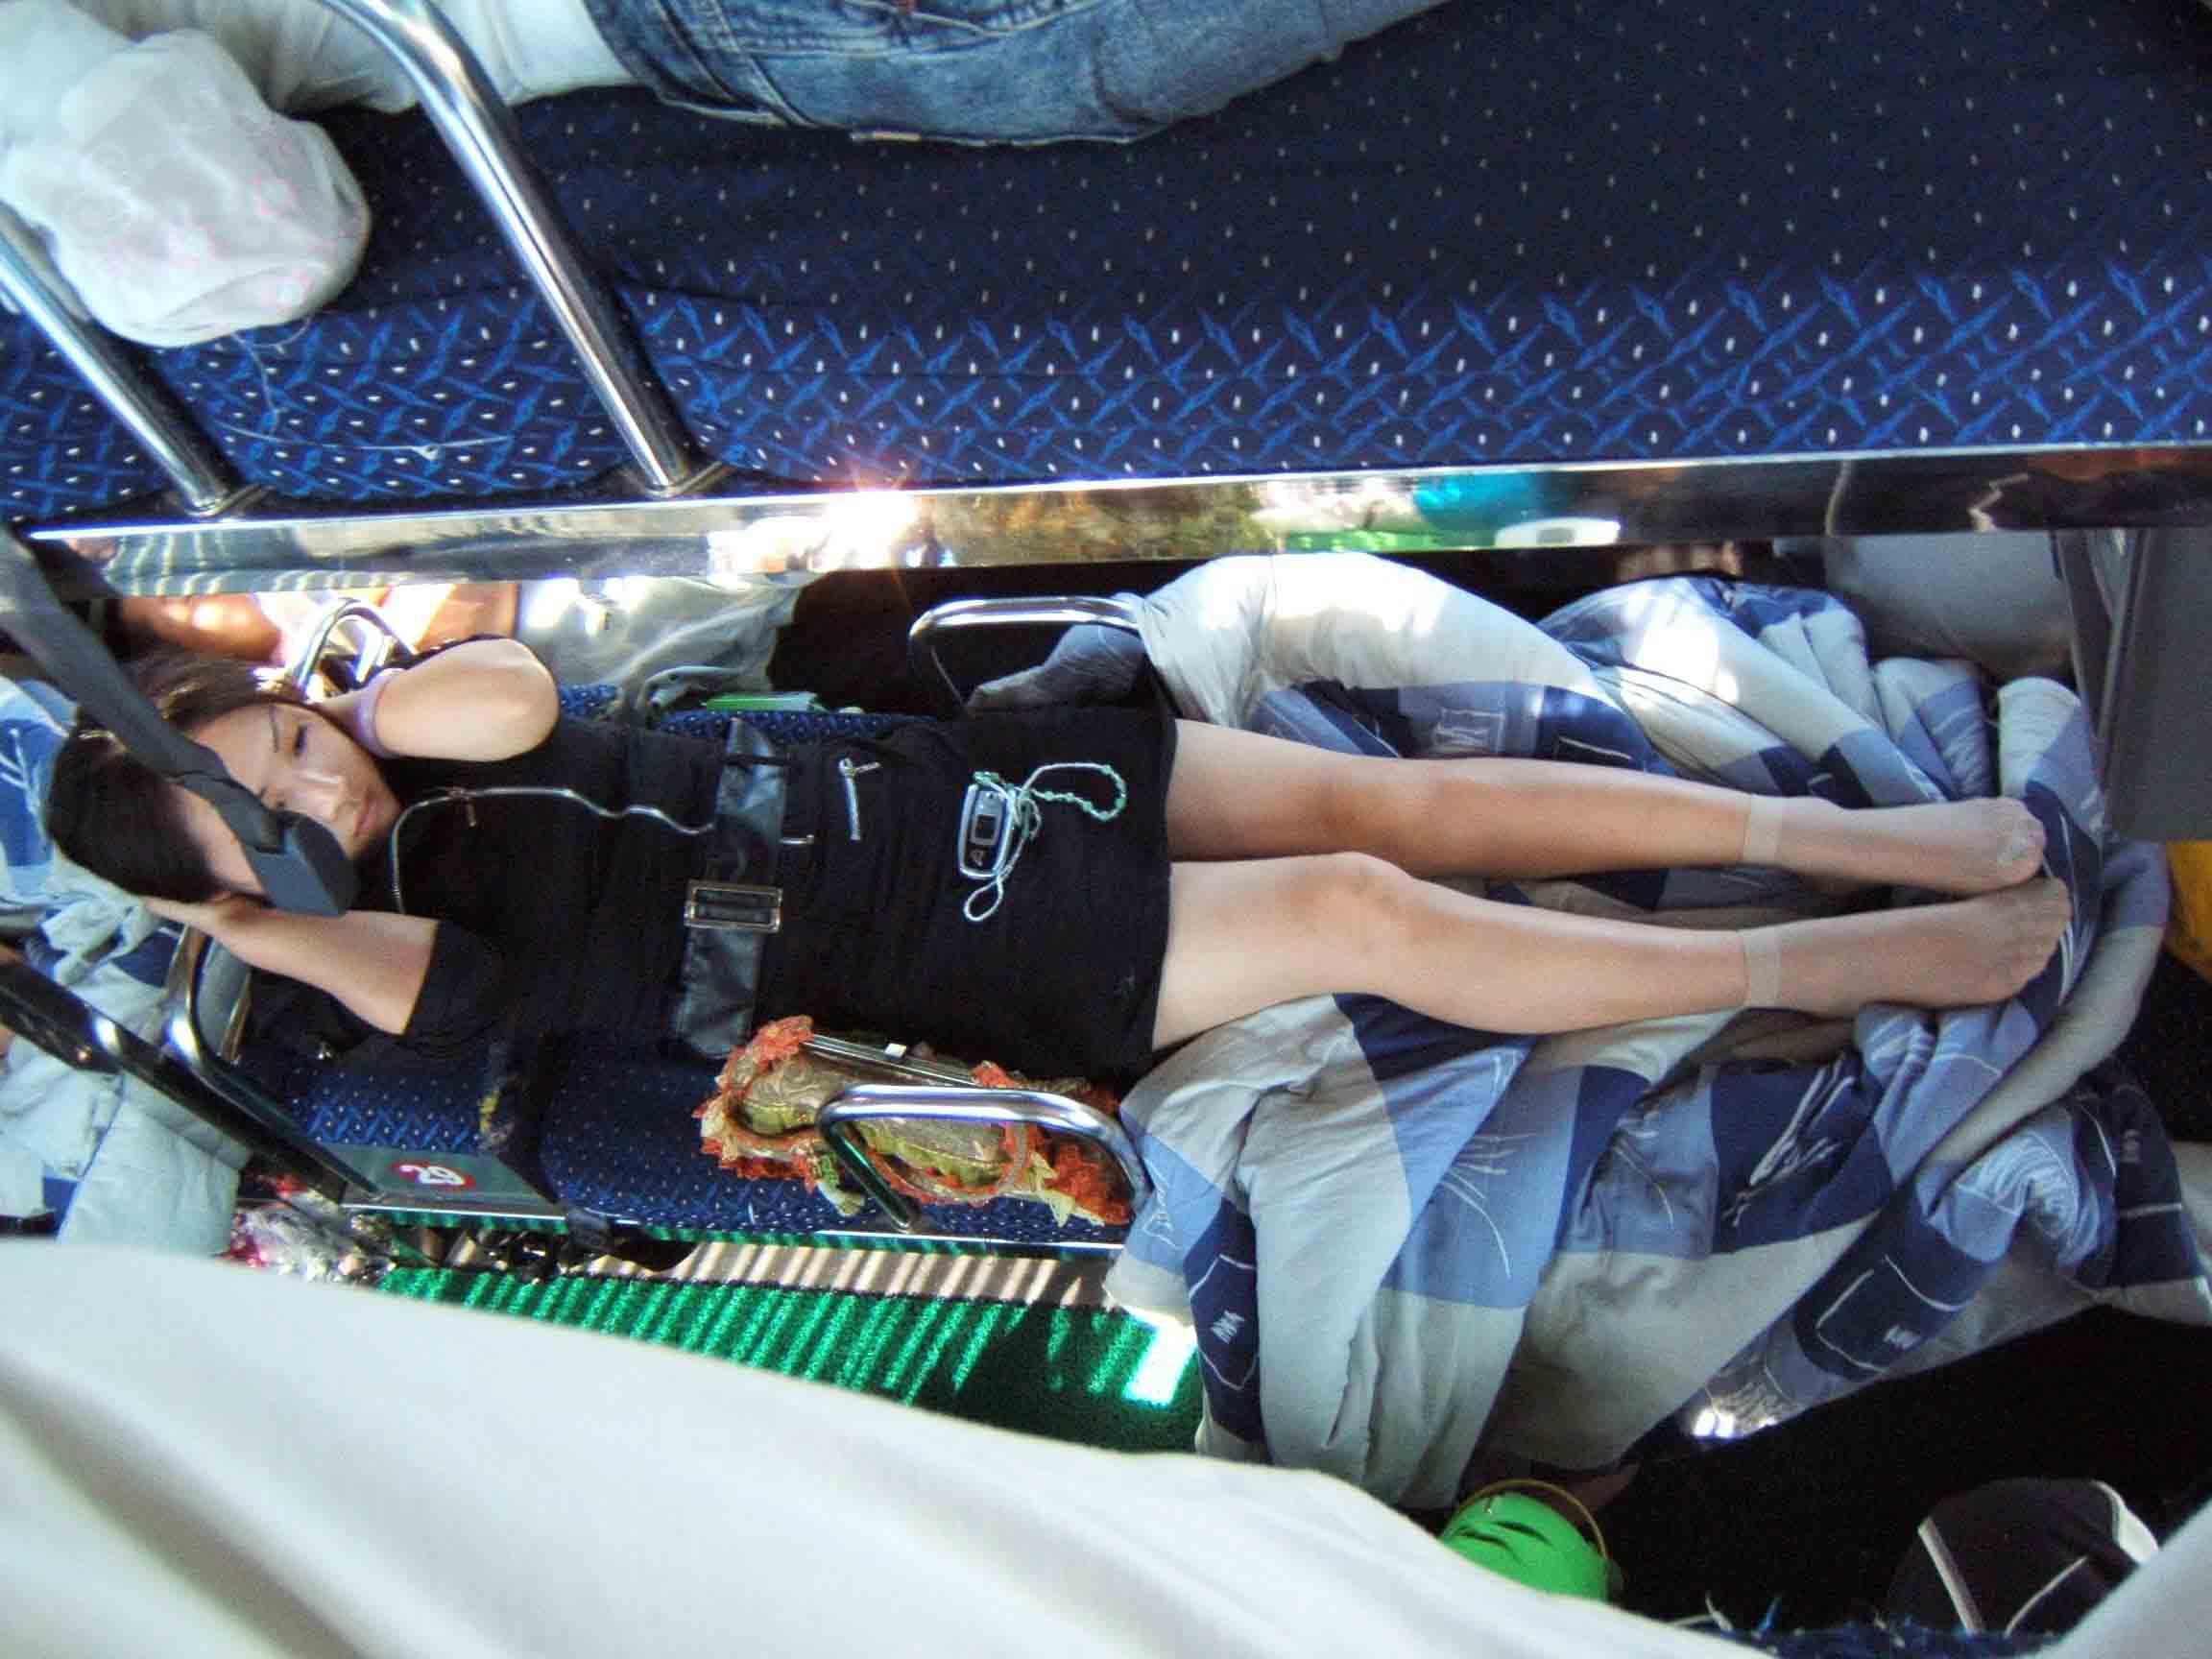 火车上的各种美眉【组图】 - 柏村休闲居 - 柏村休闲居